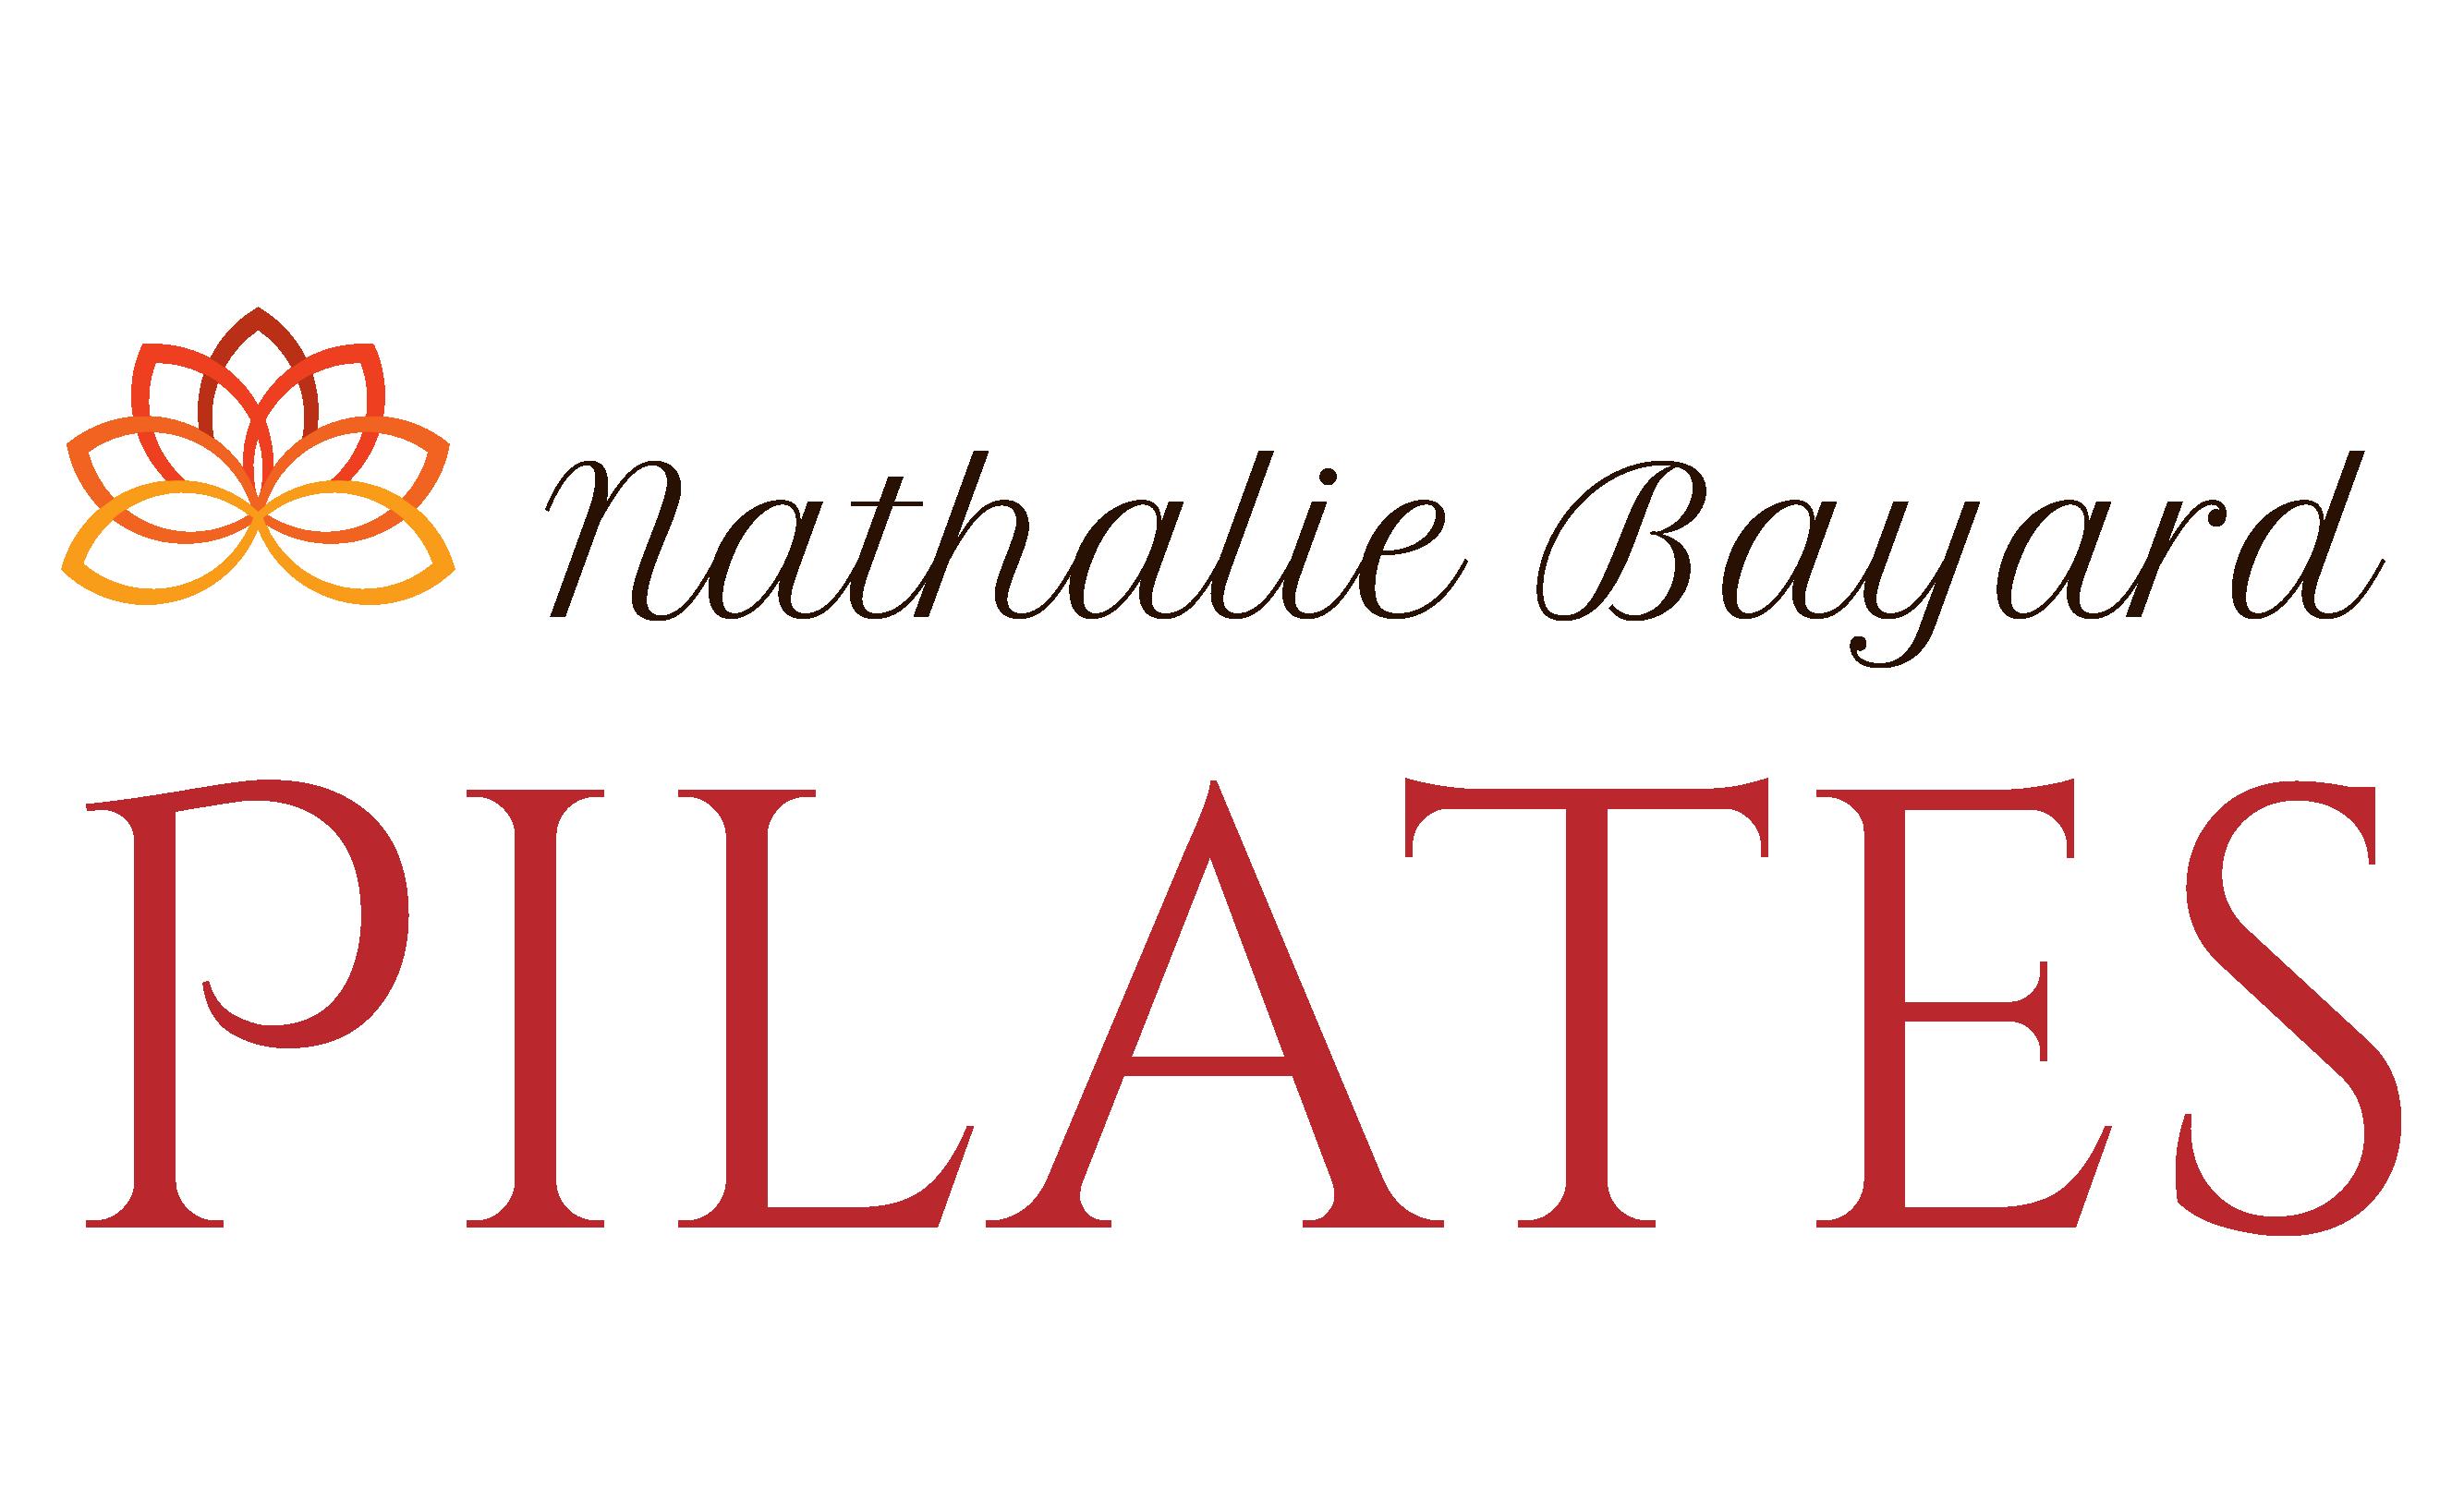 Nathalie Bayard Pilates